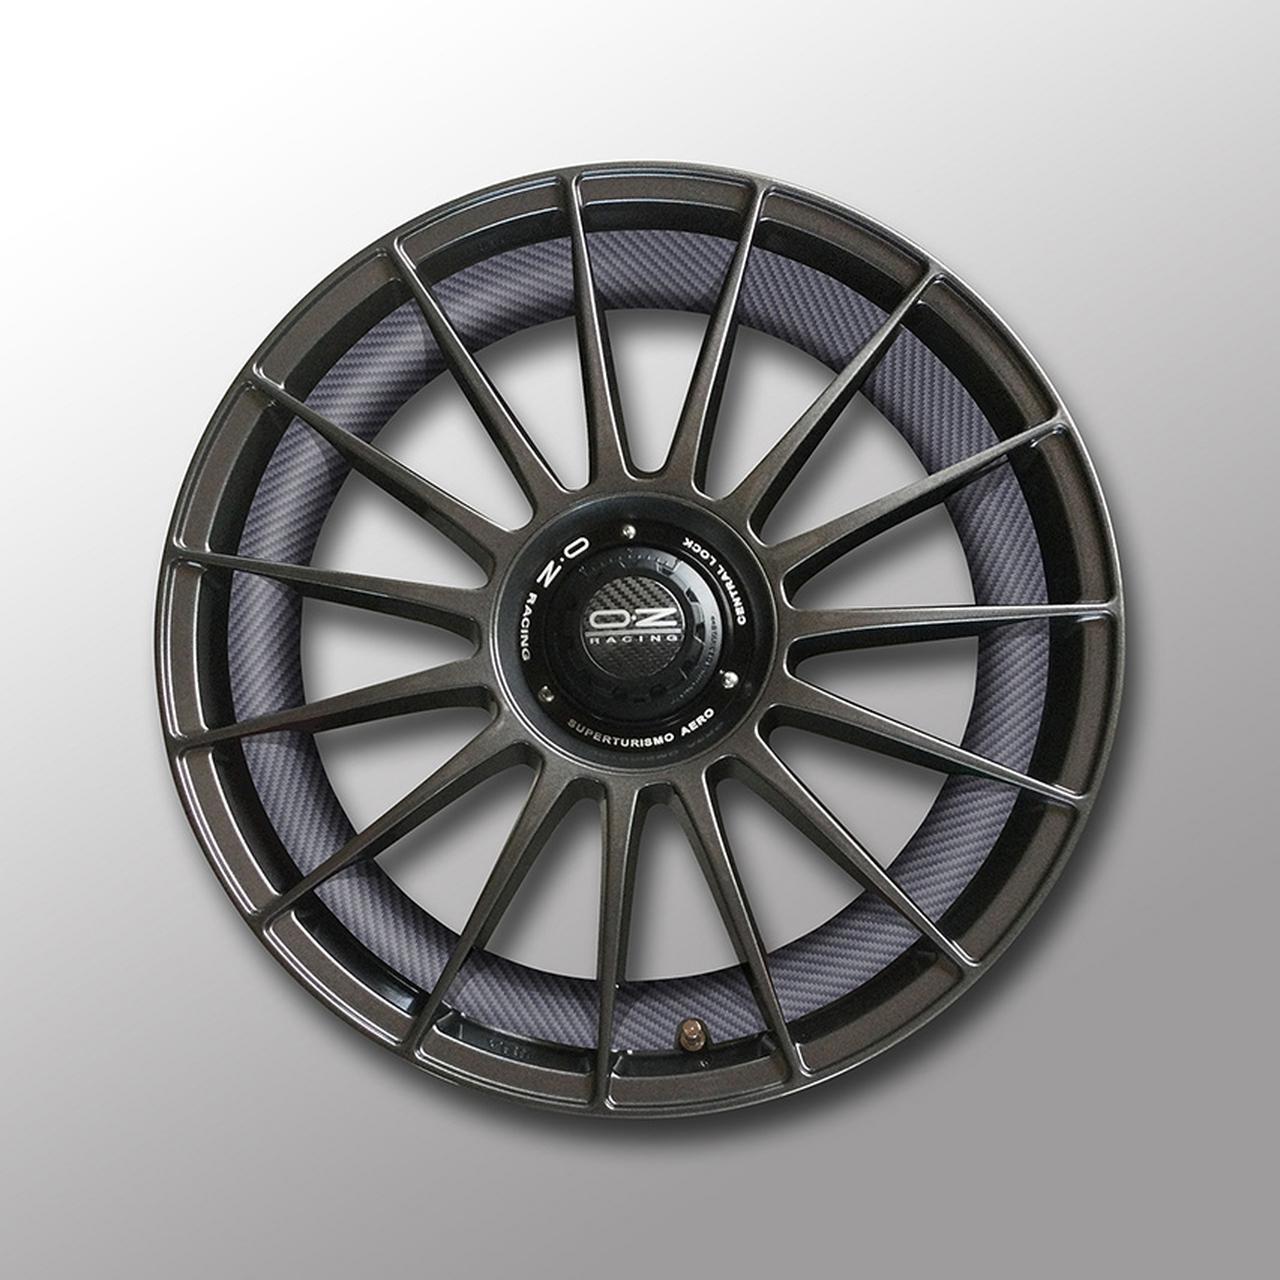 画像10: 【O・Z】「Superturismo Aero」用フラップステッカー発売